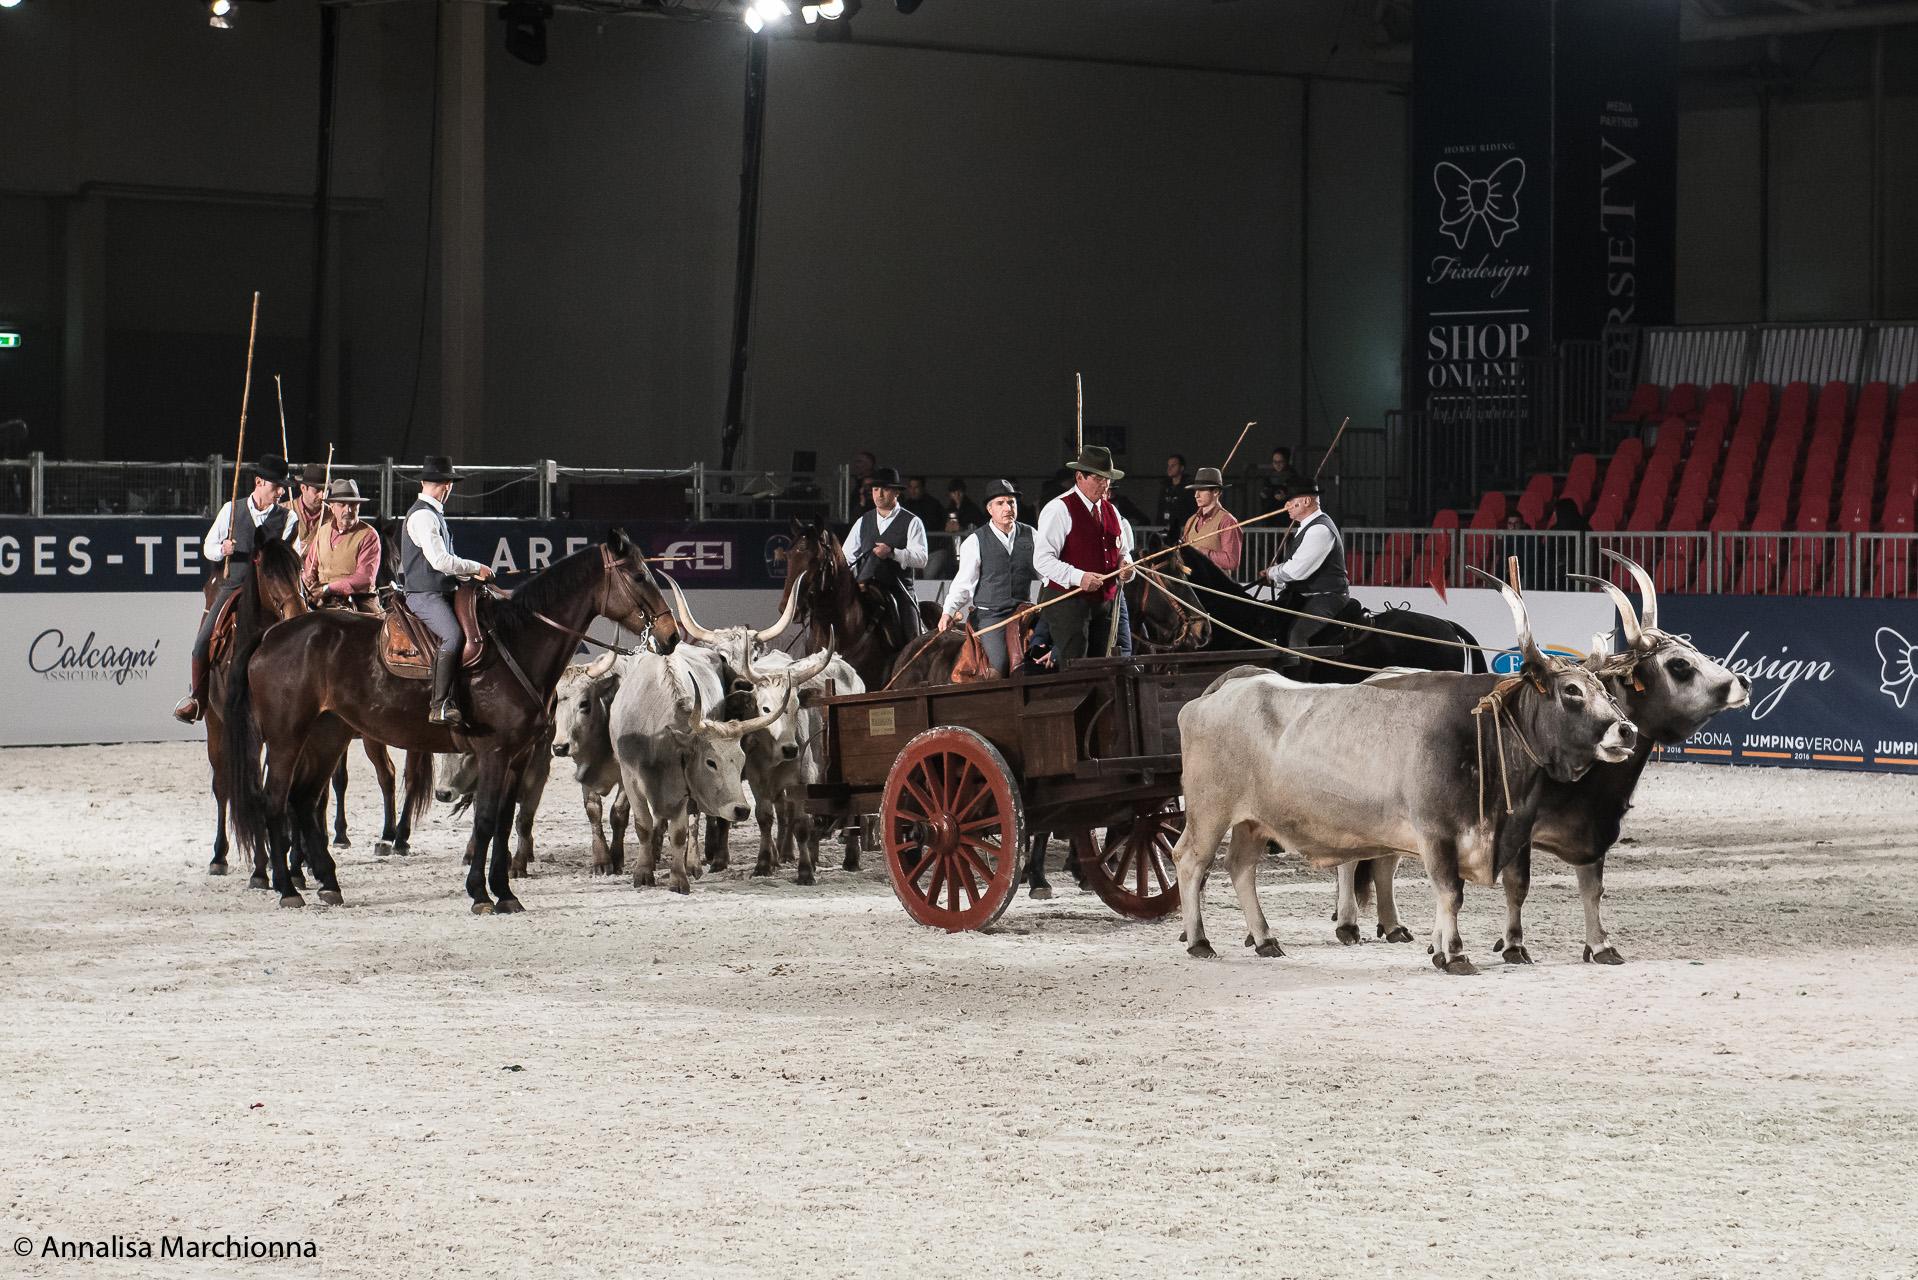 Cavalli A Roma, Salone del Cavallo e dell'Equitazione